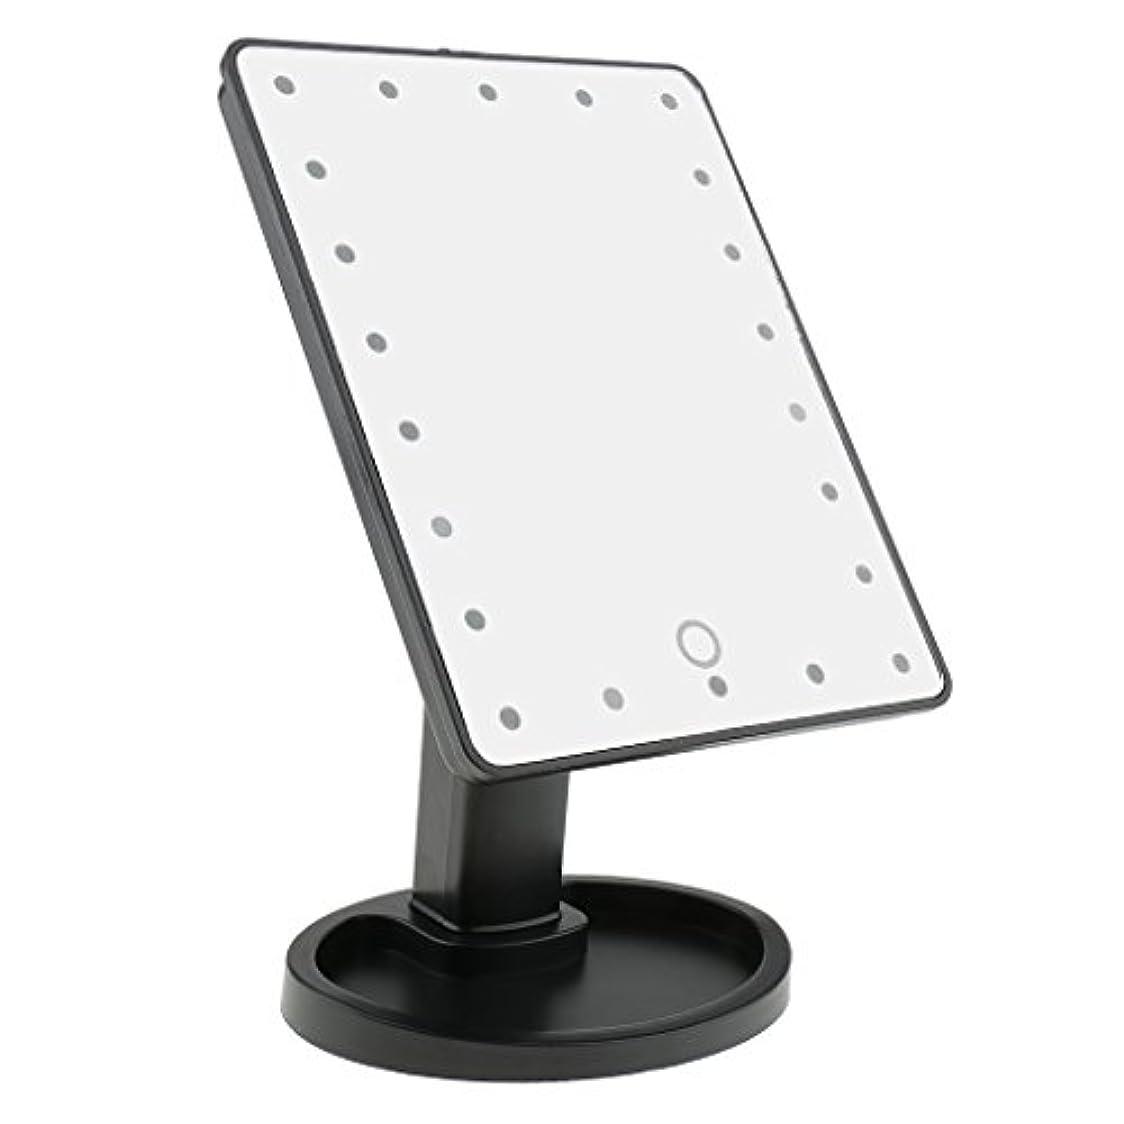 正当な除外する種をまくPerfk タッチスクリーン 美容 化粧 ミラー 22 LED ライト 360度 自由 回転 耐久性 2色選べる - ブラック